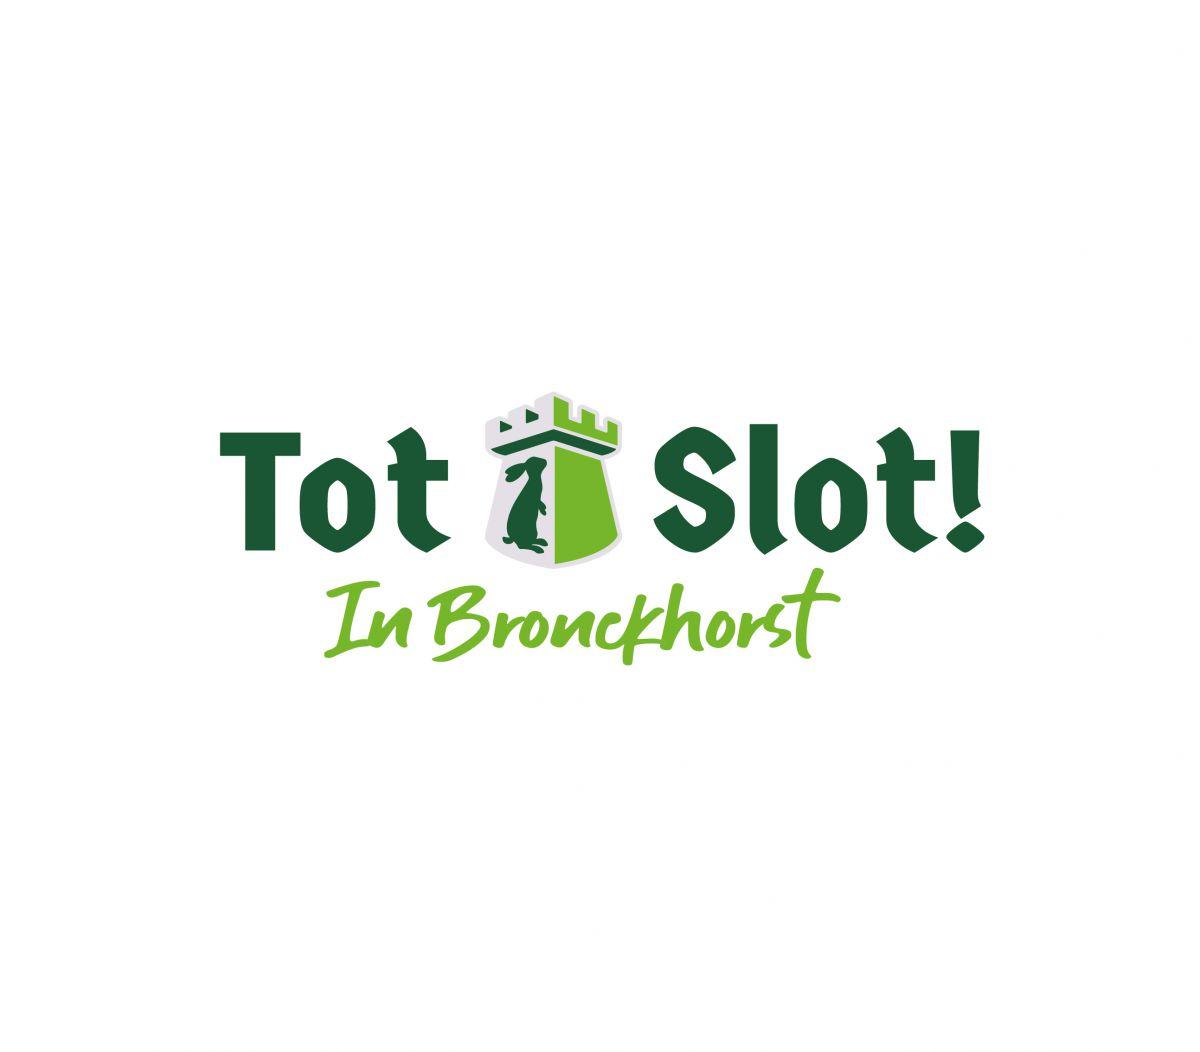 Tot Slot! In Bronckhorst